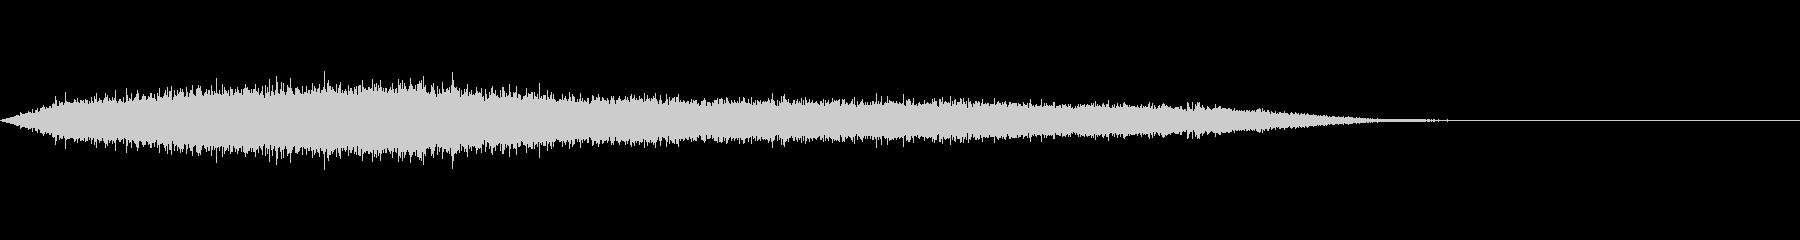 ワァー!キャー!コンサートライブの歓声5の未再生の波形